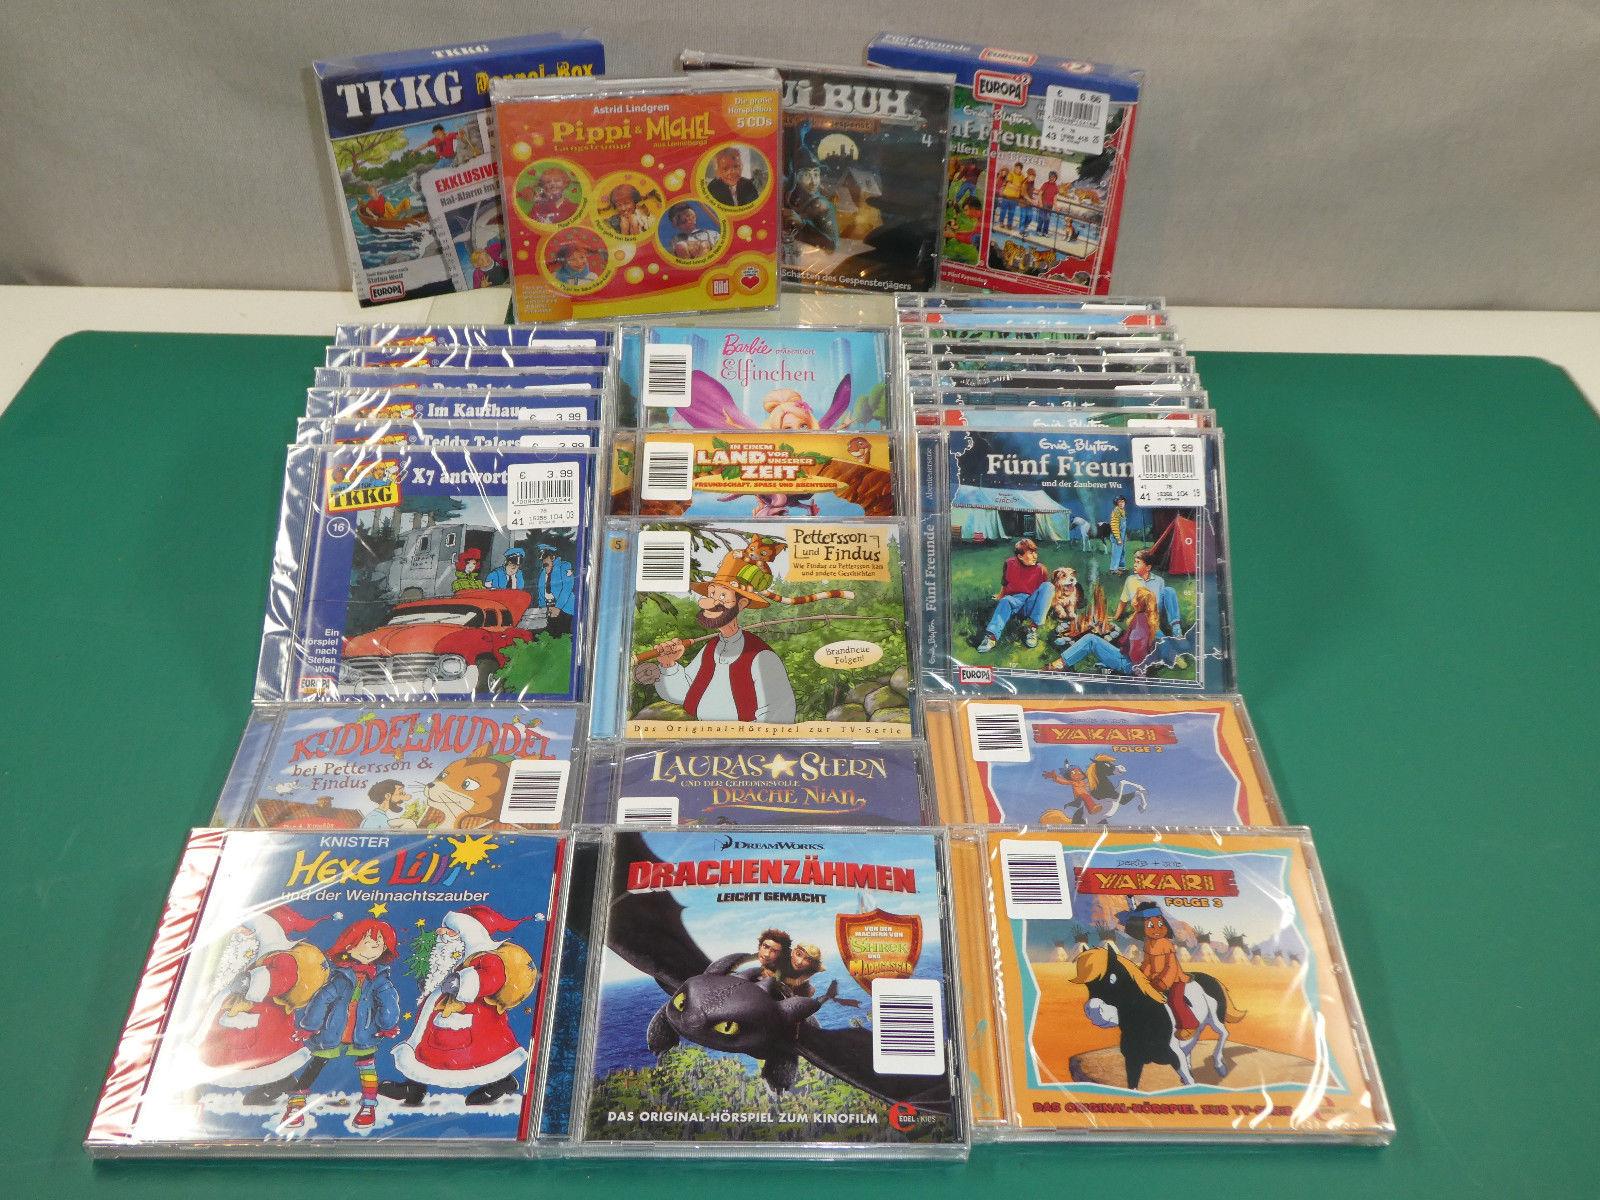 Konvolut von Hörspiel CD alle noch OVP - TKKG/fünf Freunde/Pettersson&Findus...